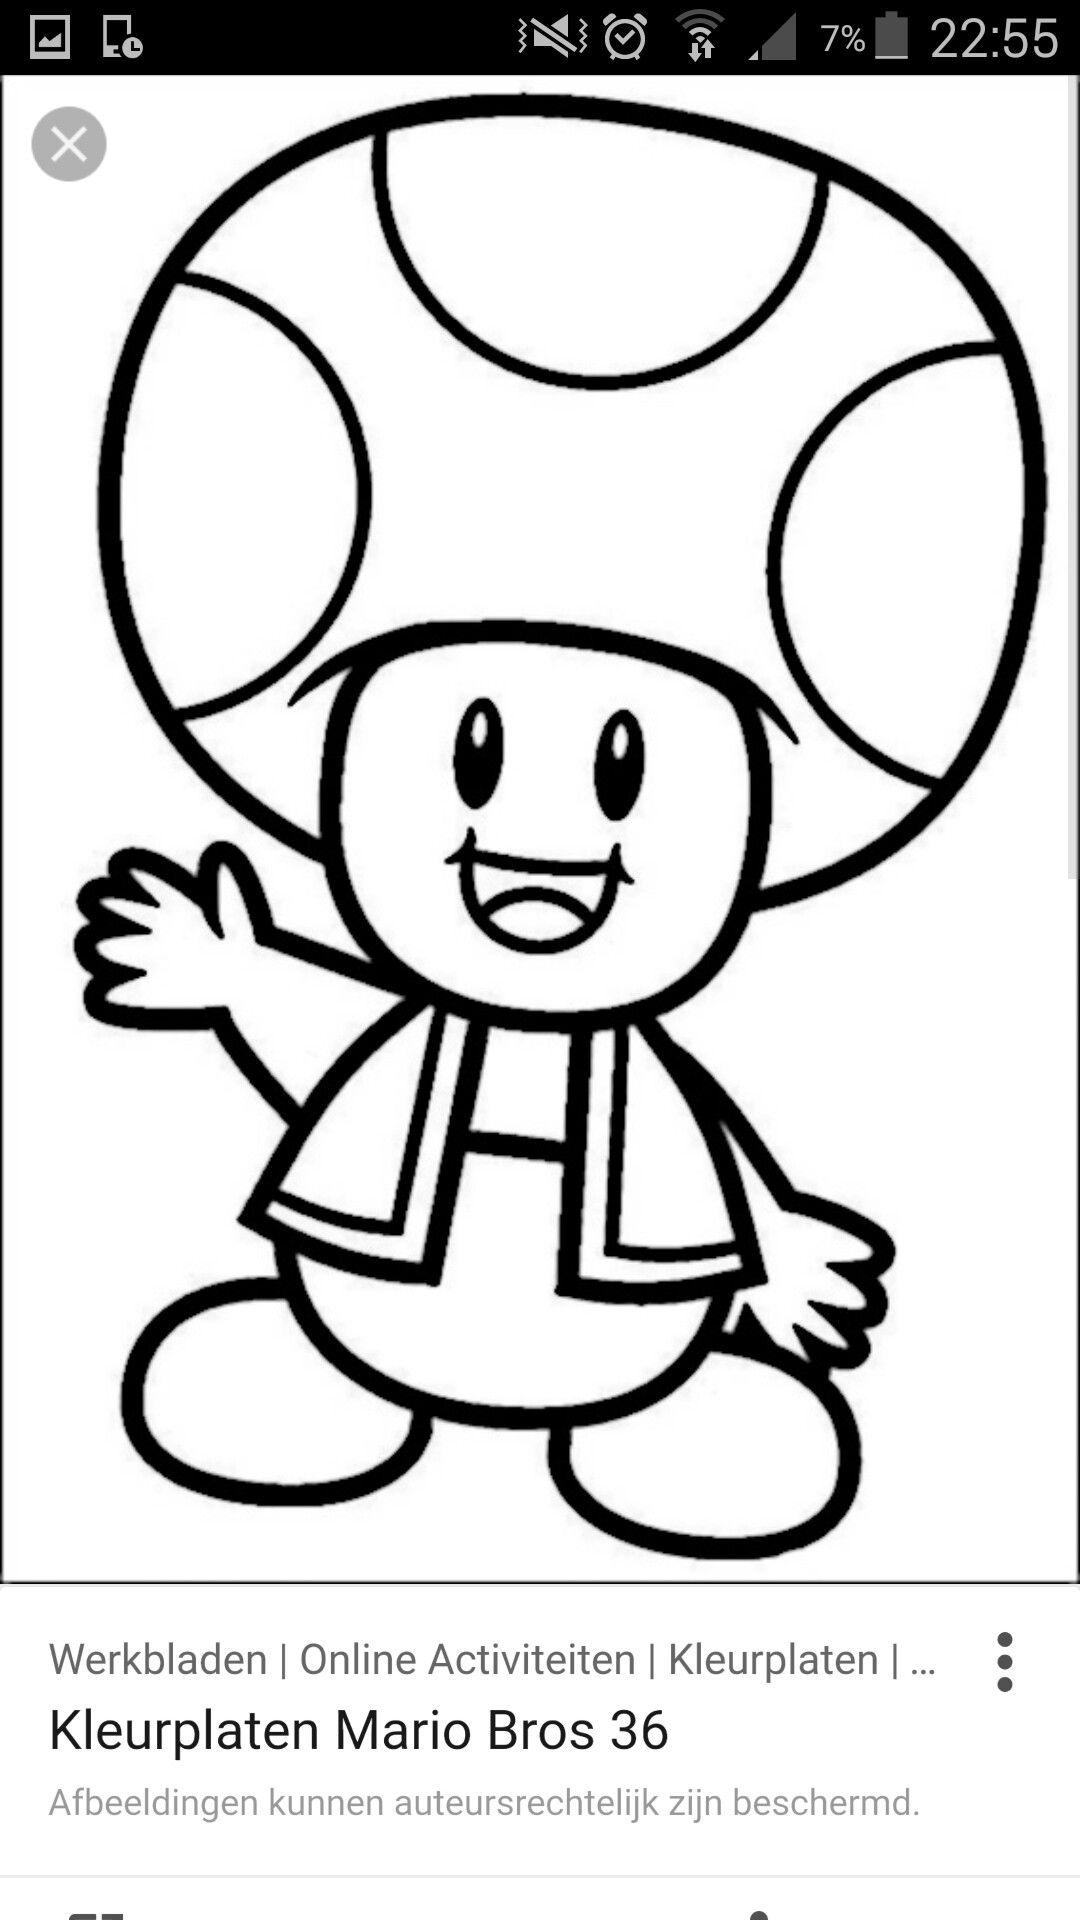 Mario Wii Kleurplaten.Luxe Kleurplaten Super Mario Bros Wii Klupaats Website